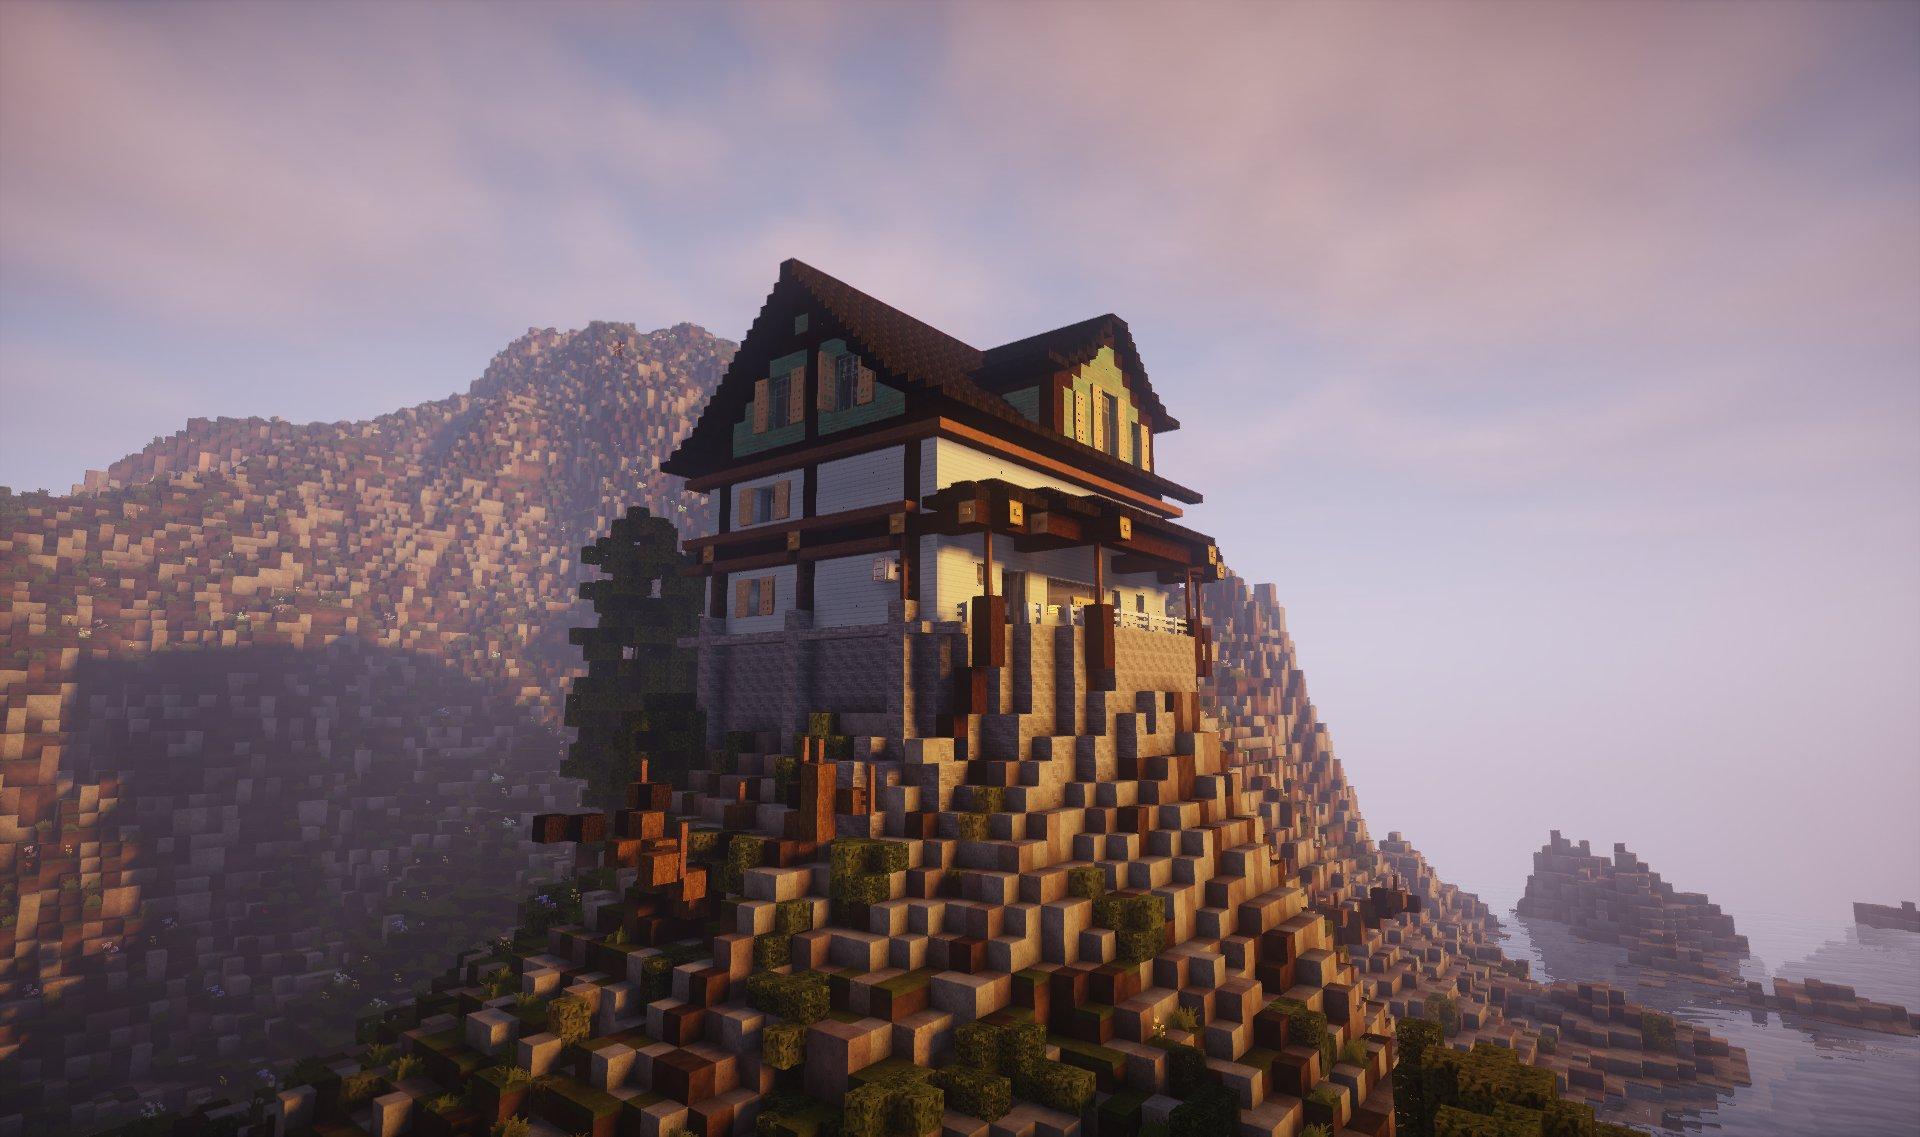 Amberstone Sur Twitter Maison Style Usa Accroche A La Falaise Sur Amberstone Fr Architecture Minecraft Maison Seaside Realise Par Oldfarmer Https T Co Hzgpqhb7vs